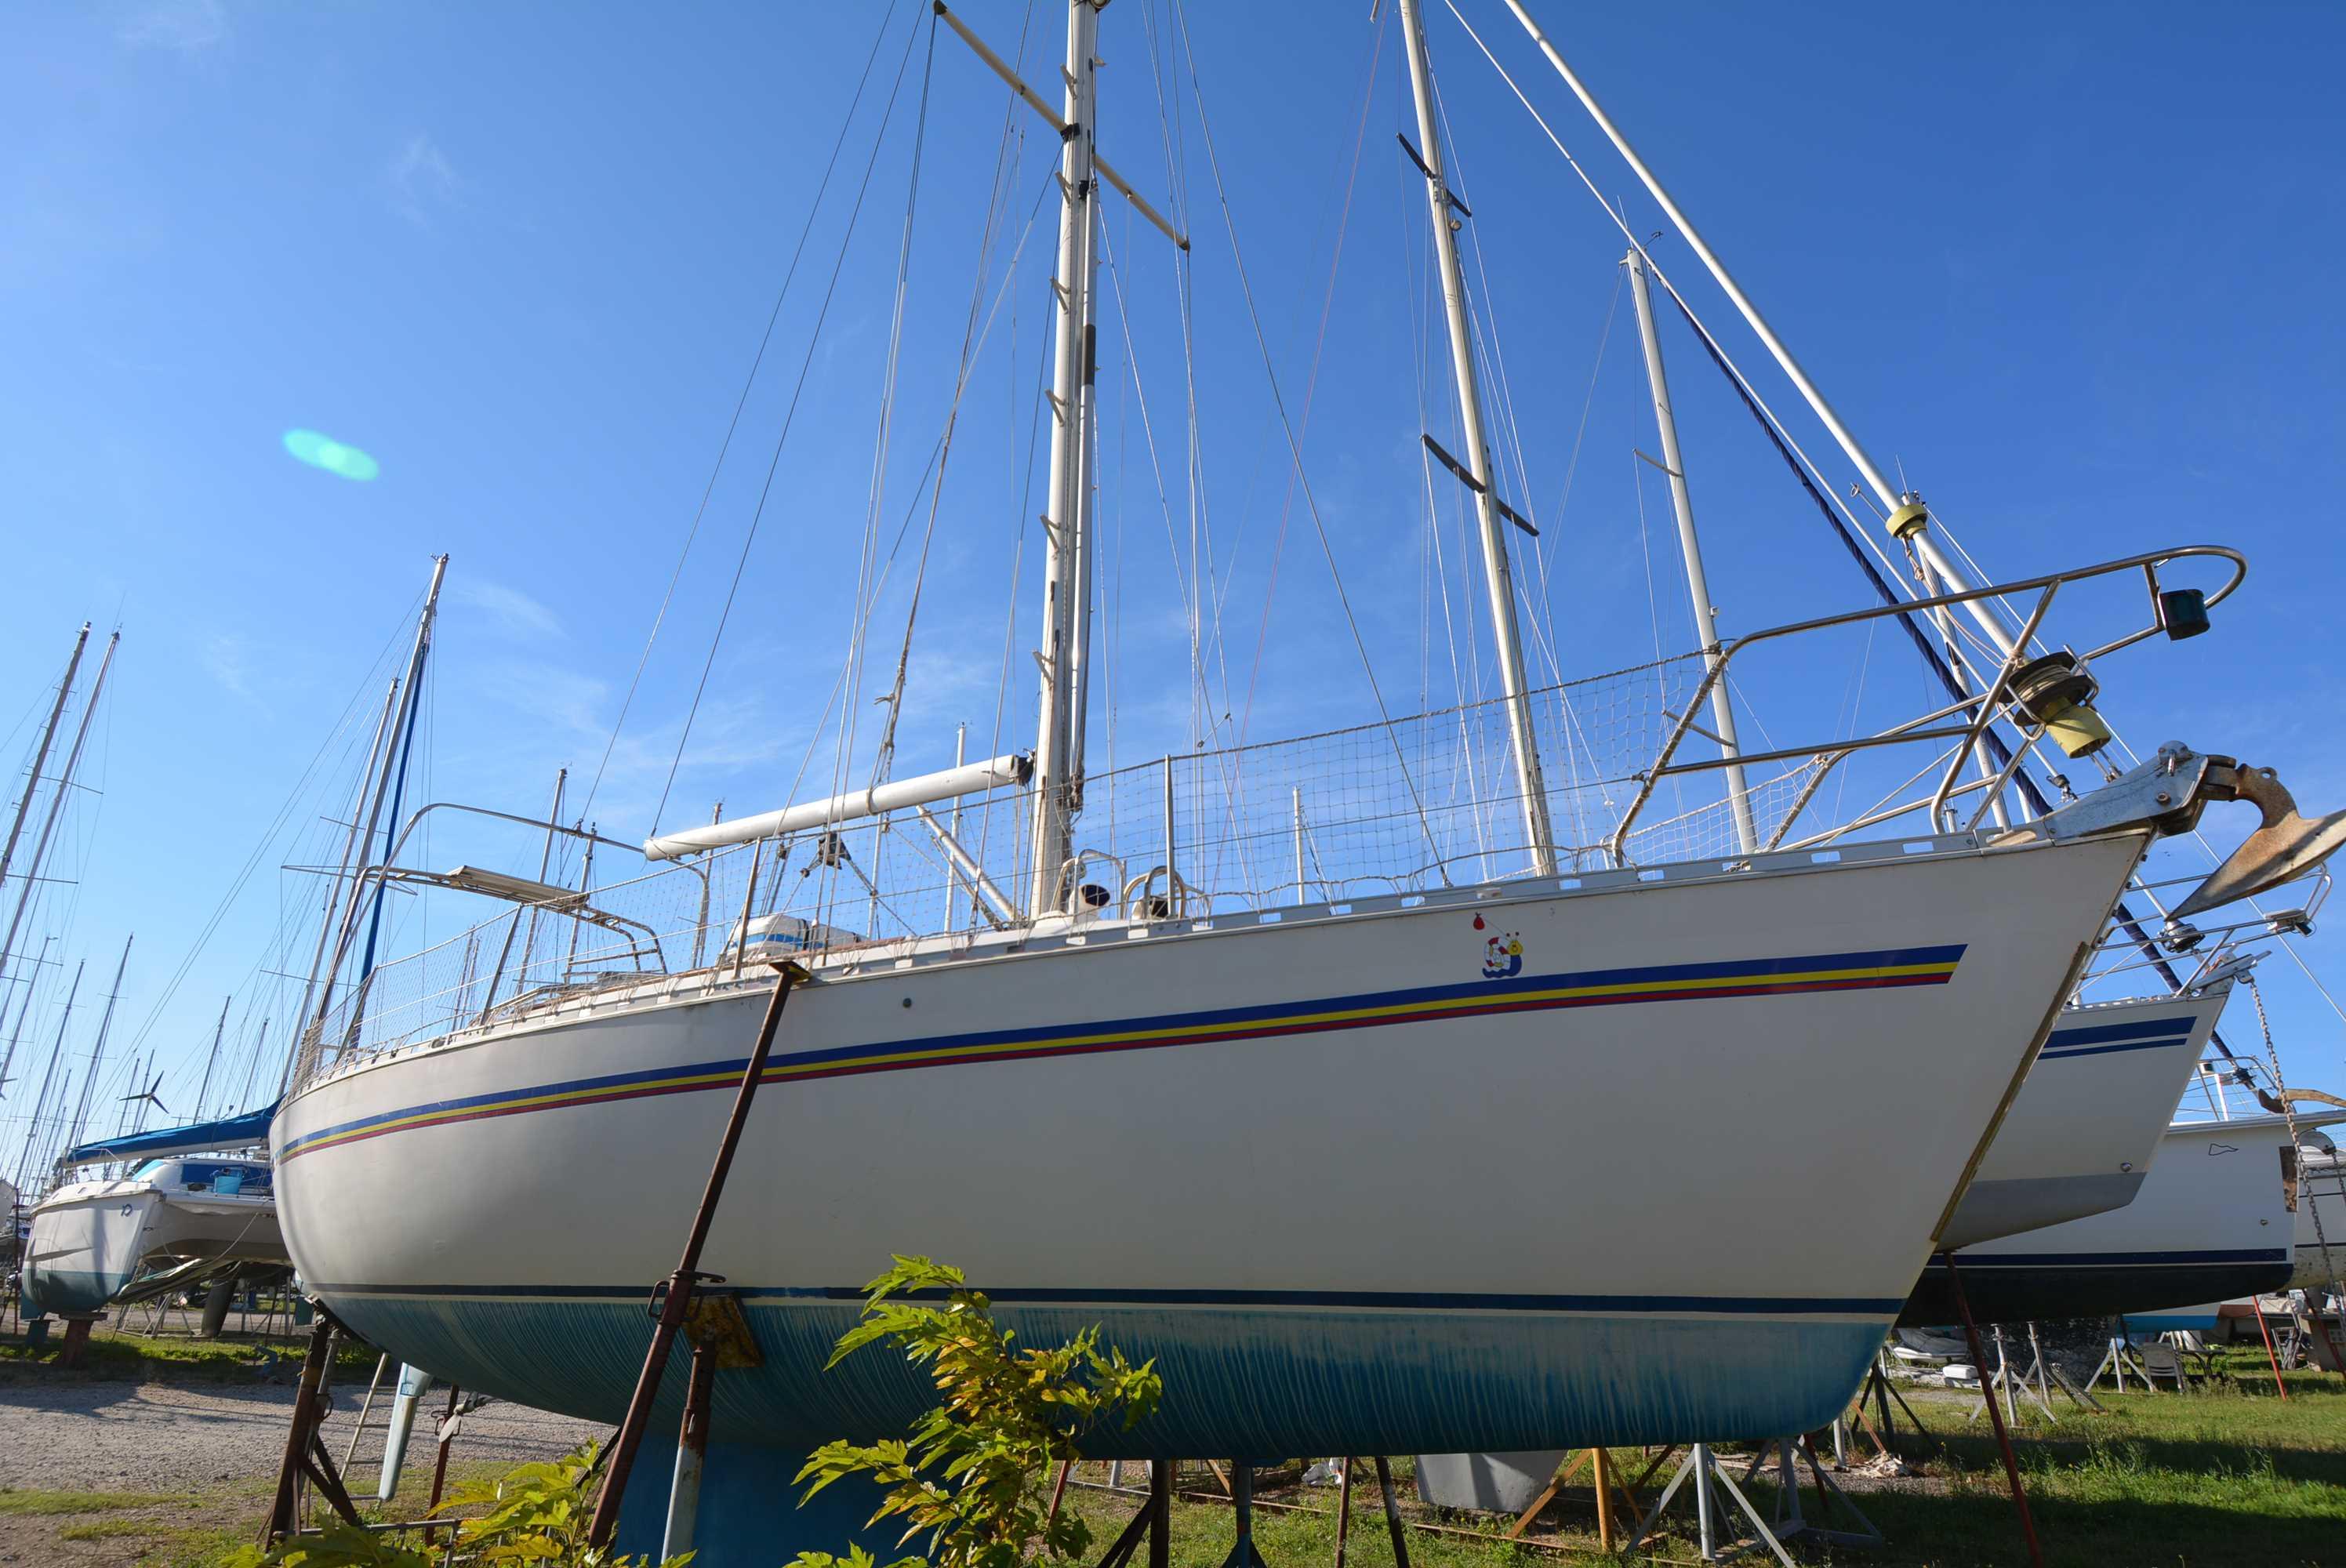 GIBERT MARINE GIB SEA 372